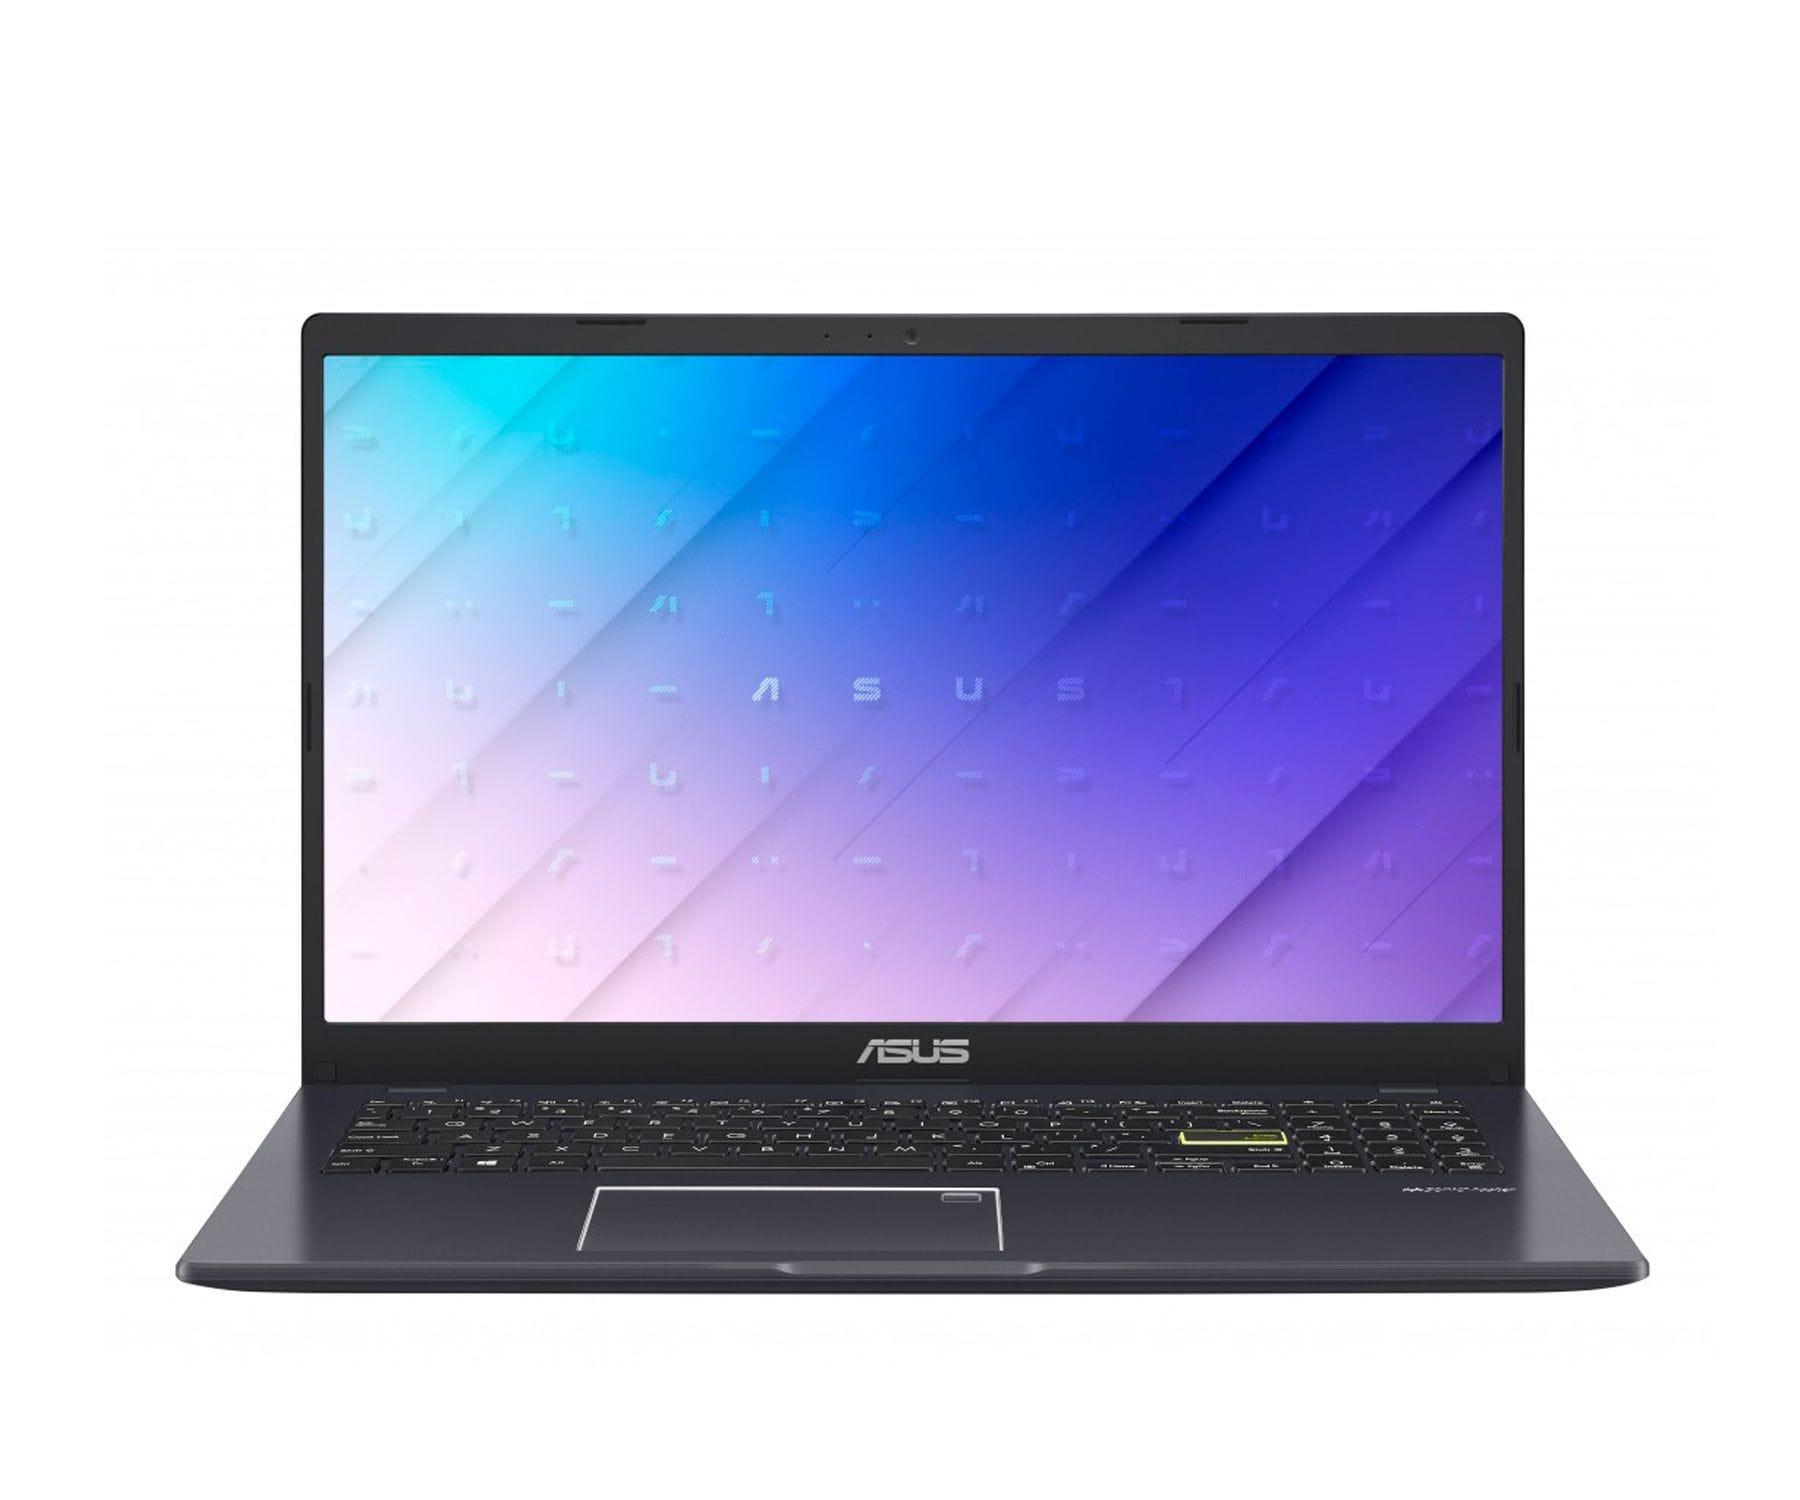 ASUS E510MA-EJ105T INTEL N4020/4GB/128 GB EMMC/ 15.6'' FHD/WINDOWS 10 HOME S